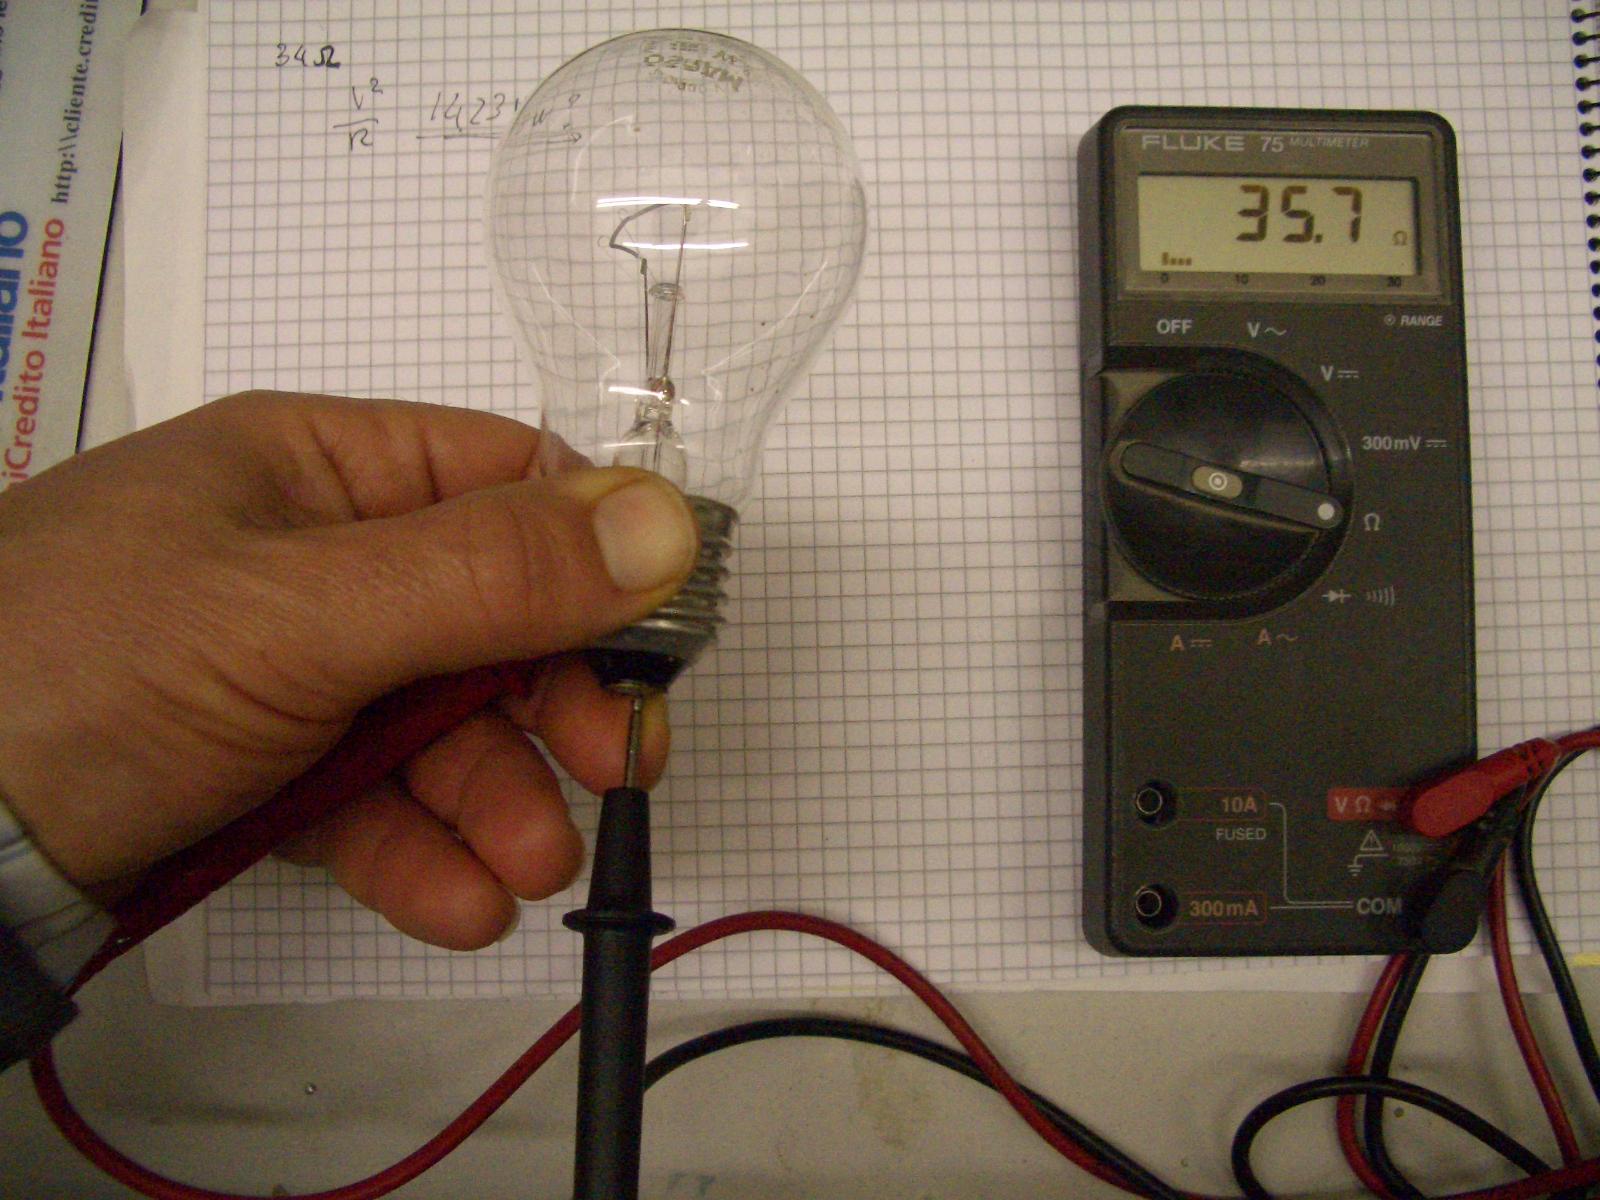 Schema Elettrico Lampada : Sezione dei cavi elettrici in una linea